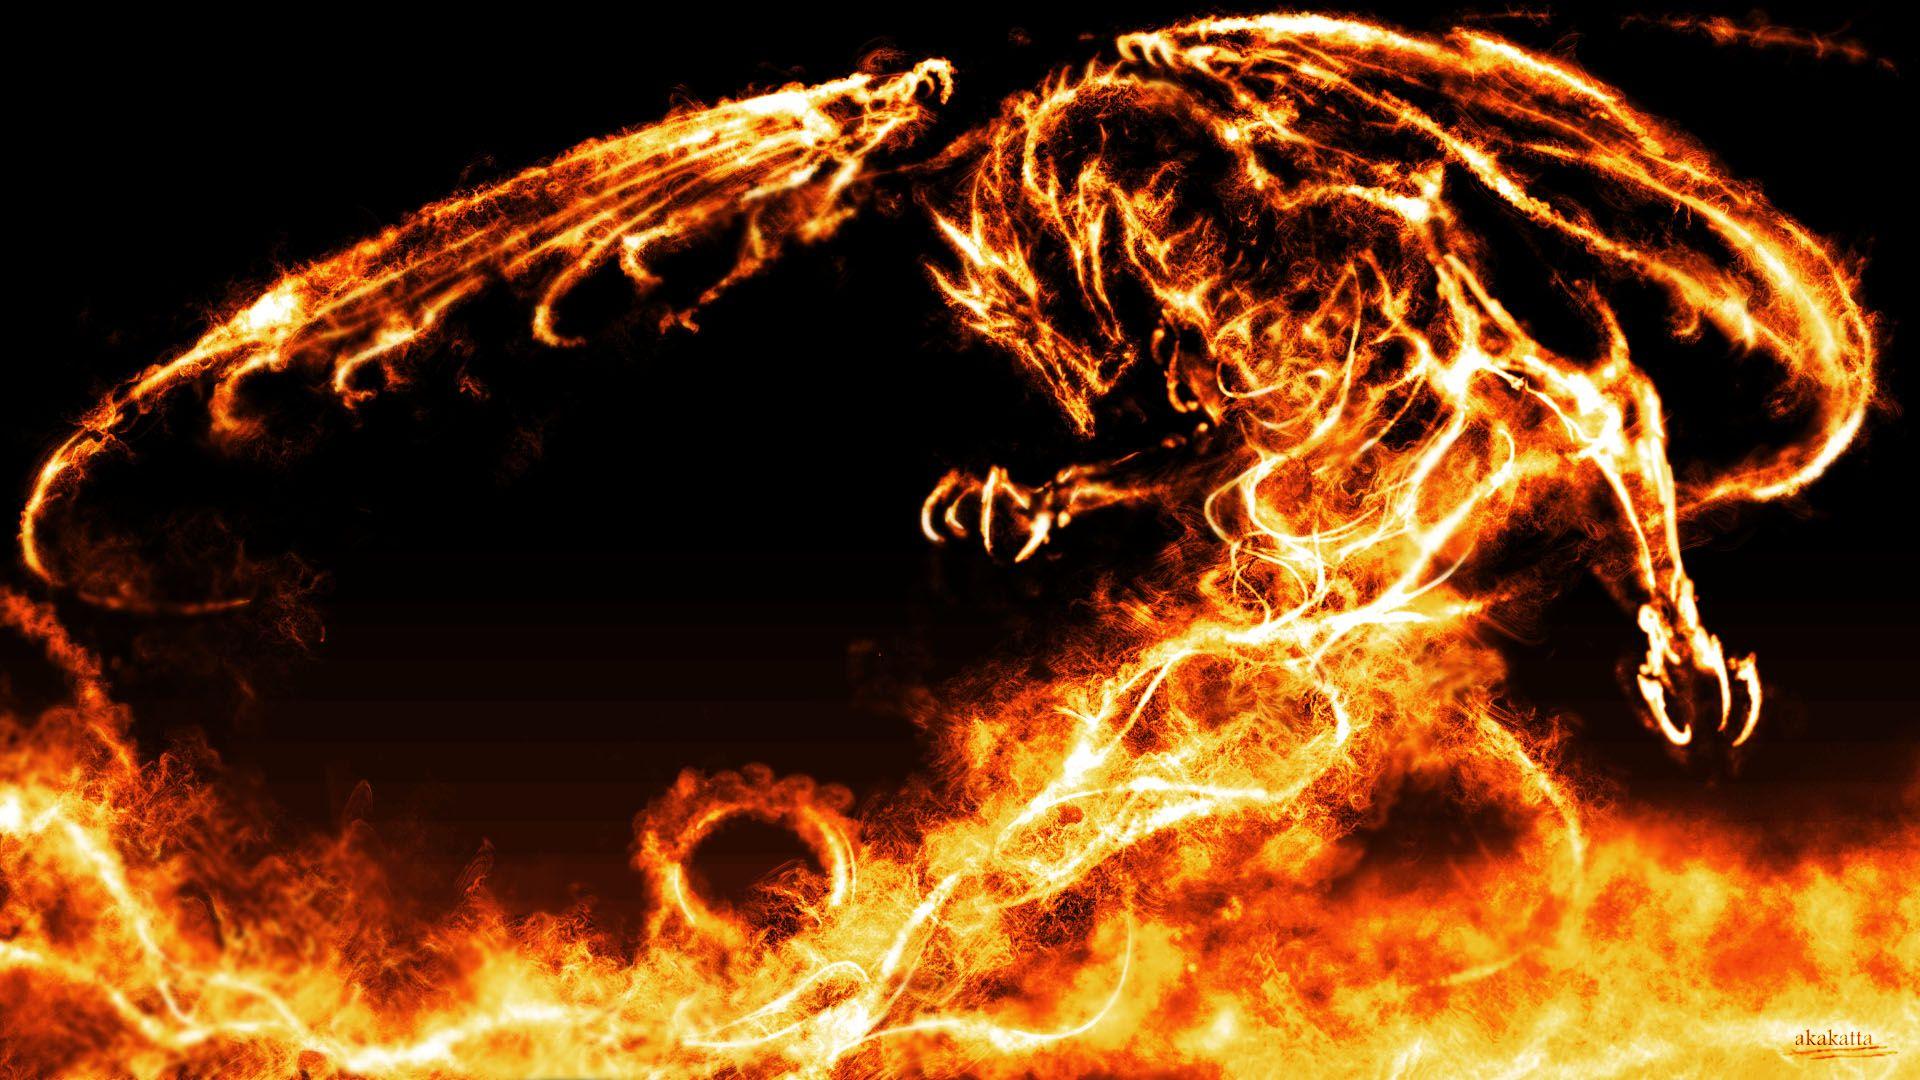 Fire Dragon HD Desktop Wallpaper Imágenes de dragón